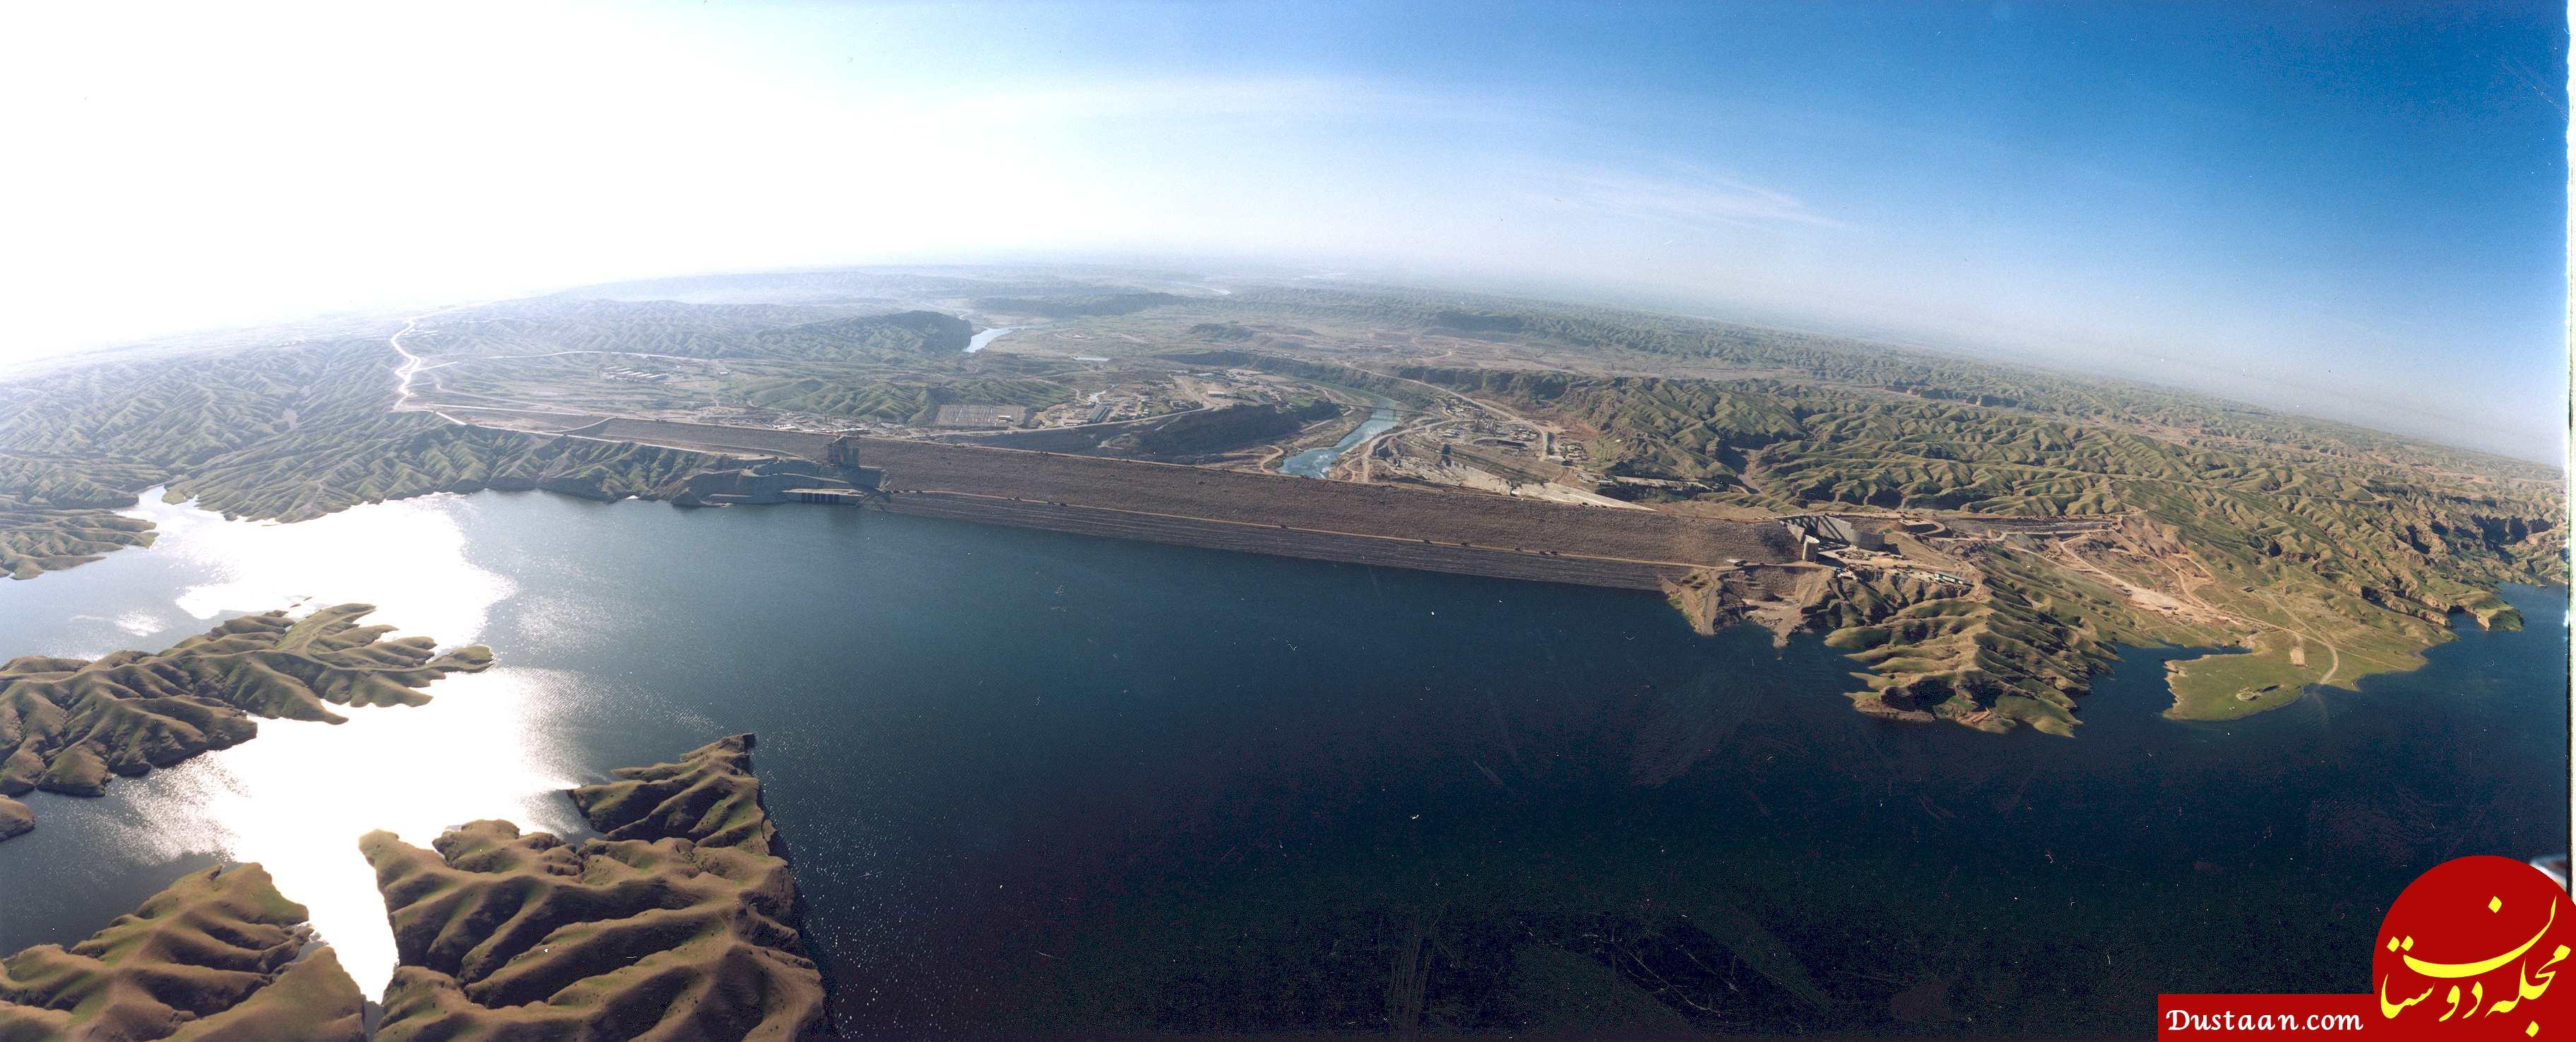 www.dustaan.com آب رودخانه کرخه نصف شده است